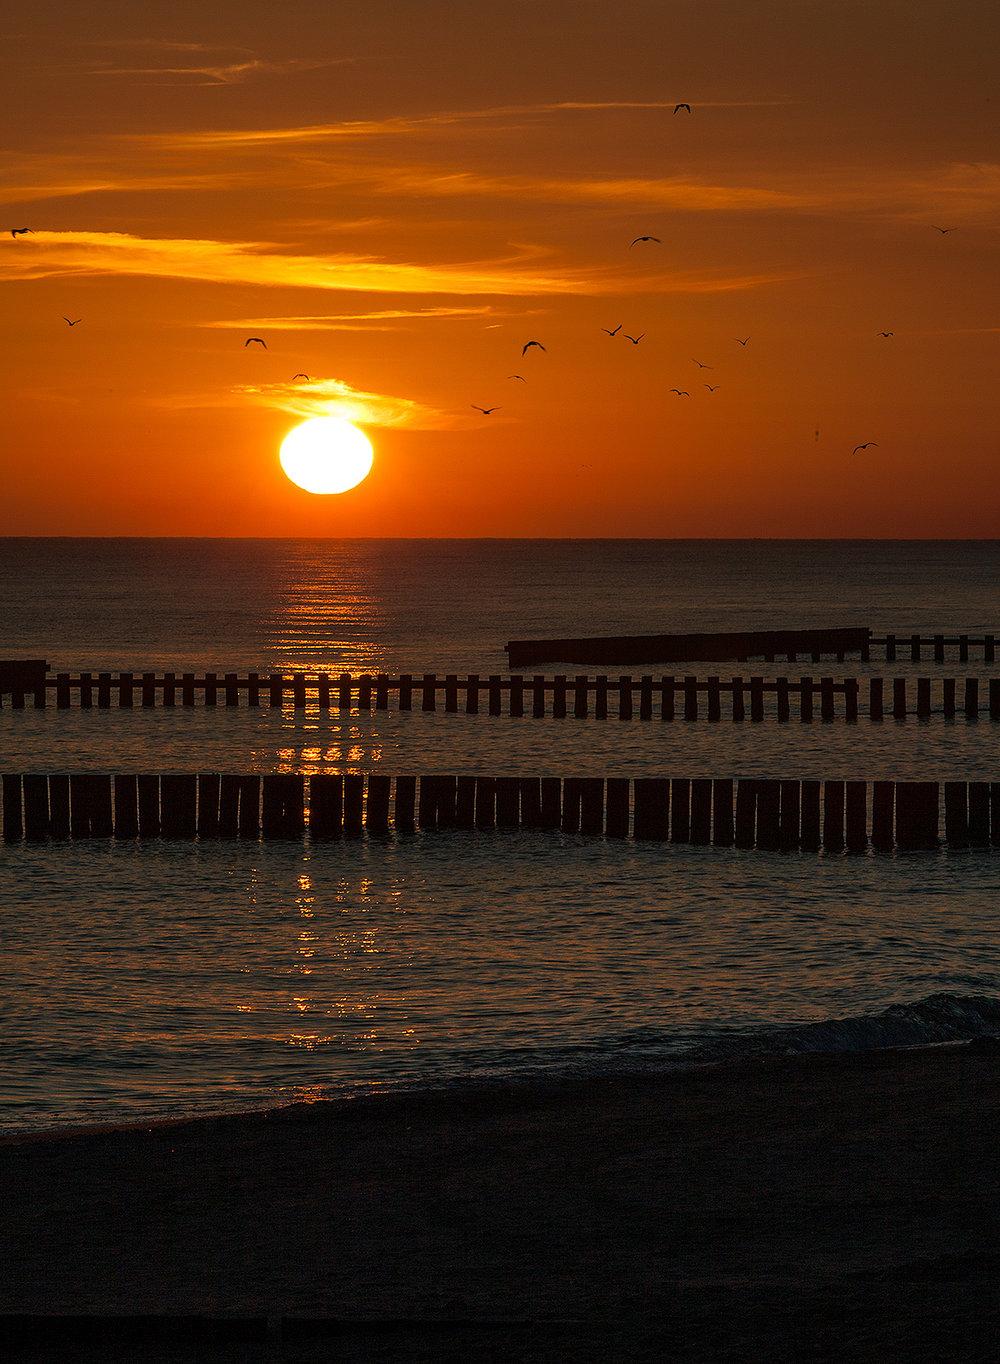 Baltyk_sunrise-01.jpg